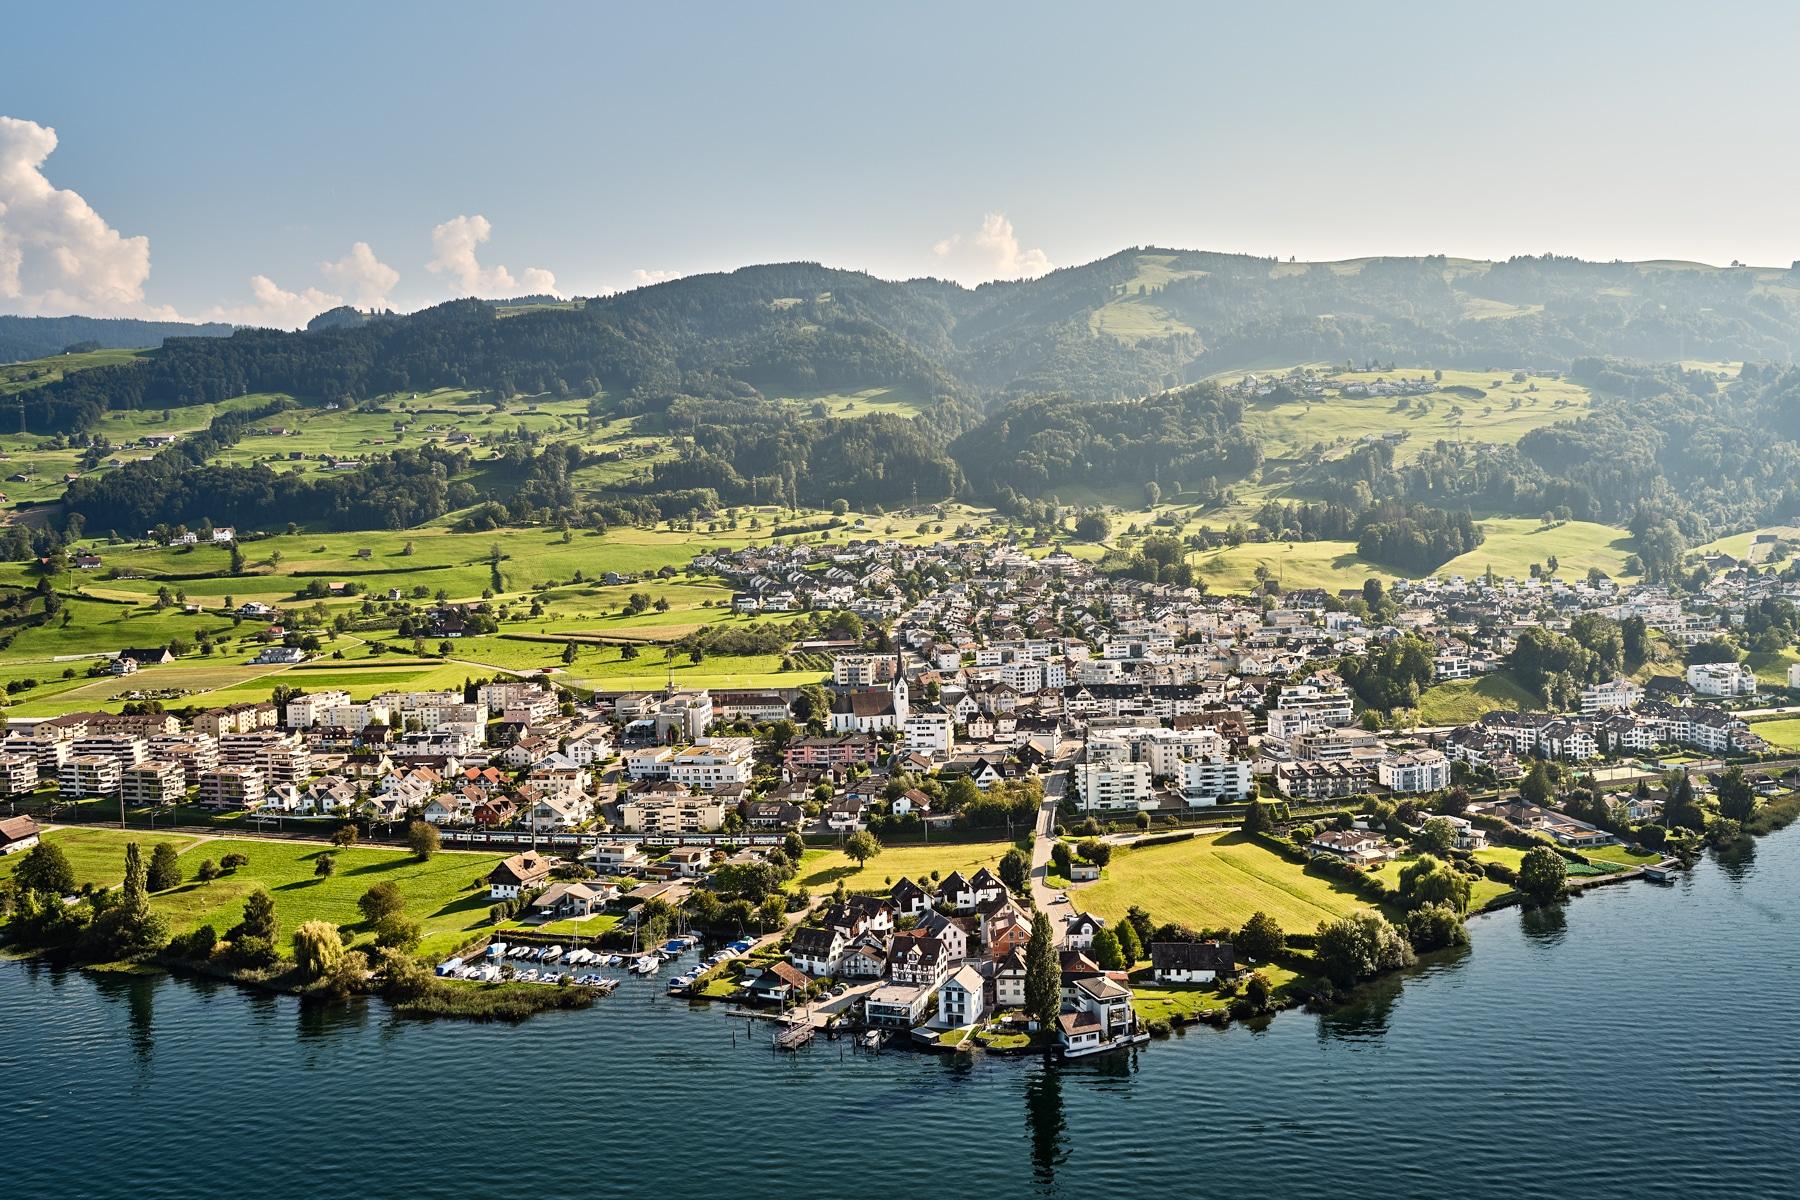 Luftaufnahme - Altendorf - Schwyz - Zürichsee - Obersee - Blick auf Seestadt / Gruebhöchi, Stöcklichrüz